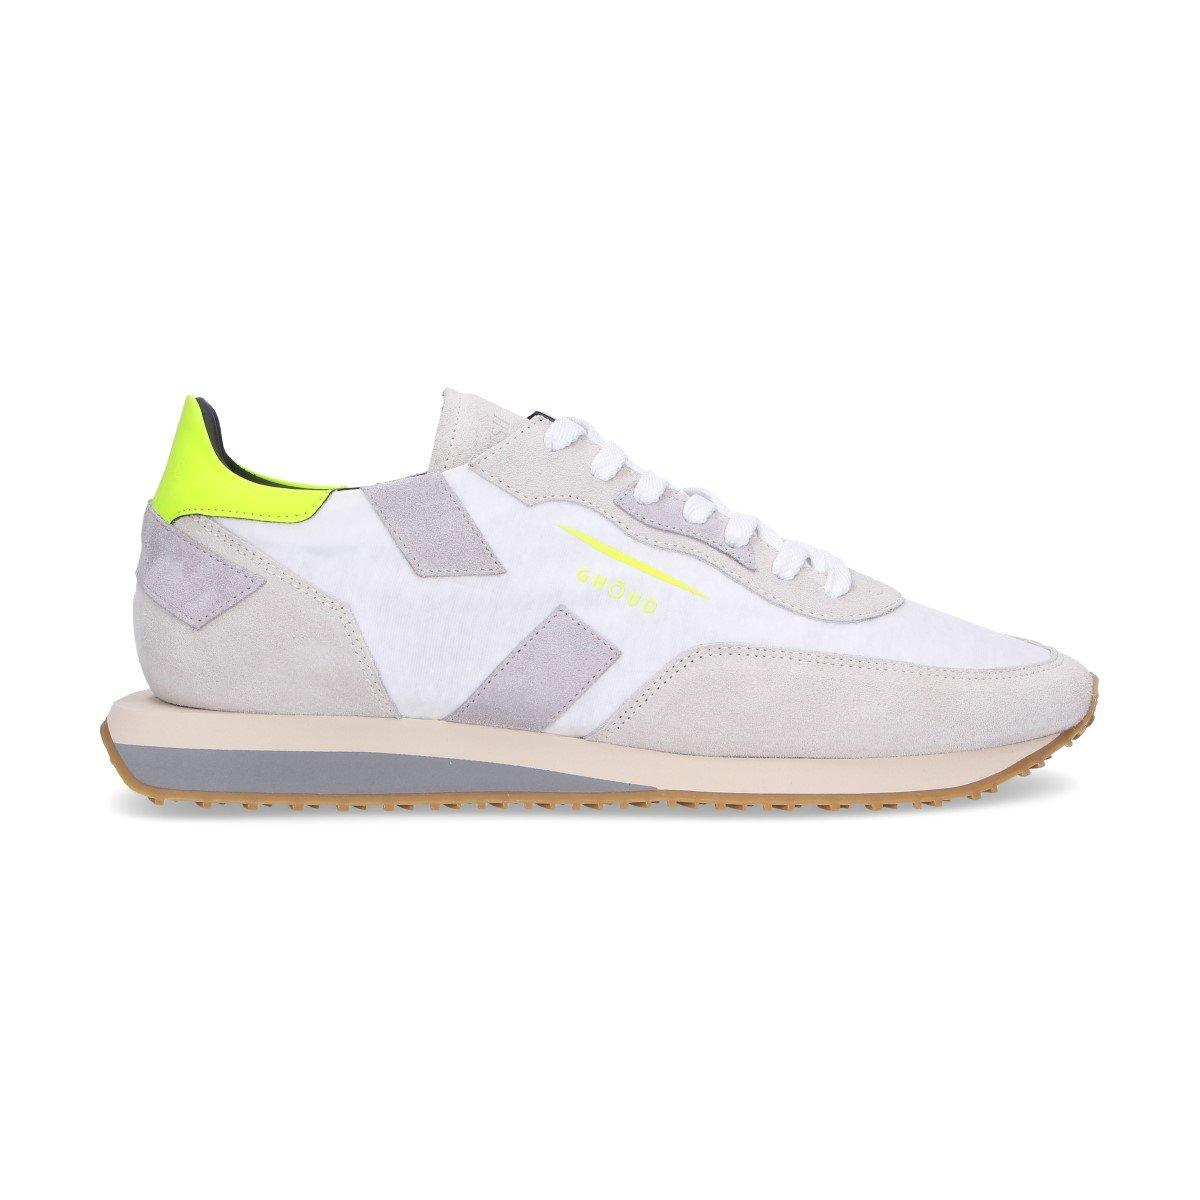 - GHOUD Men's ERSLMNS14 White Suede Sneakers